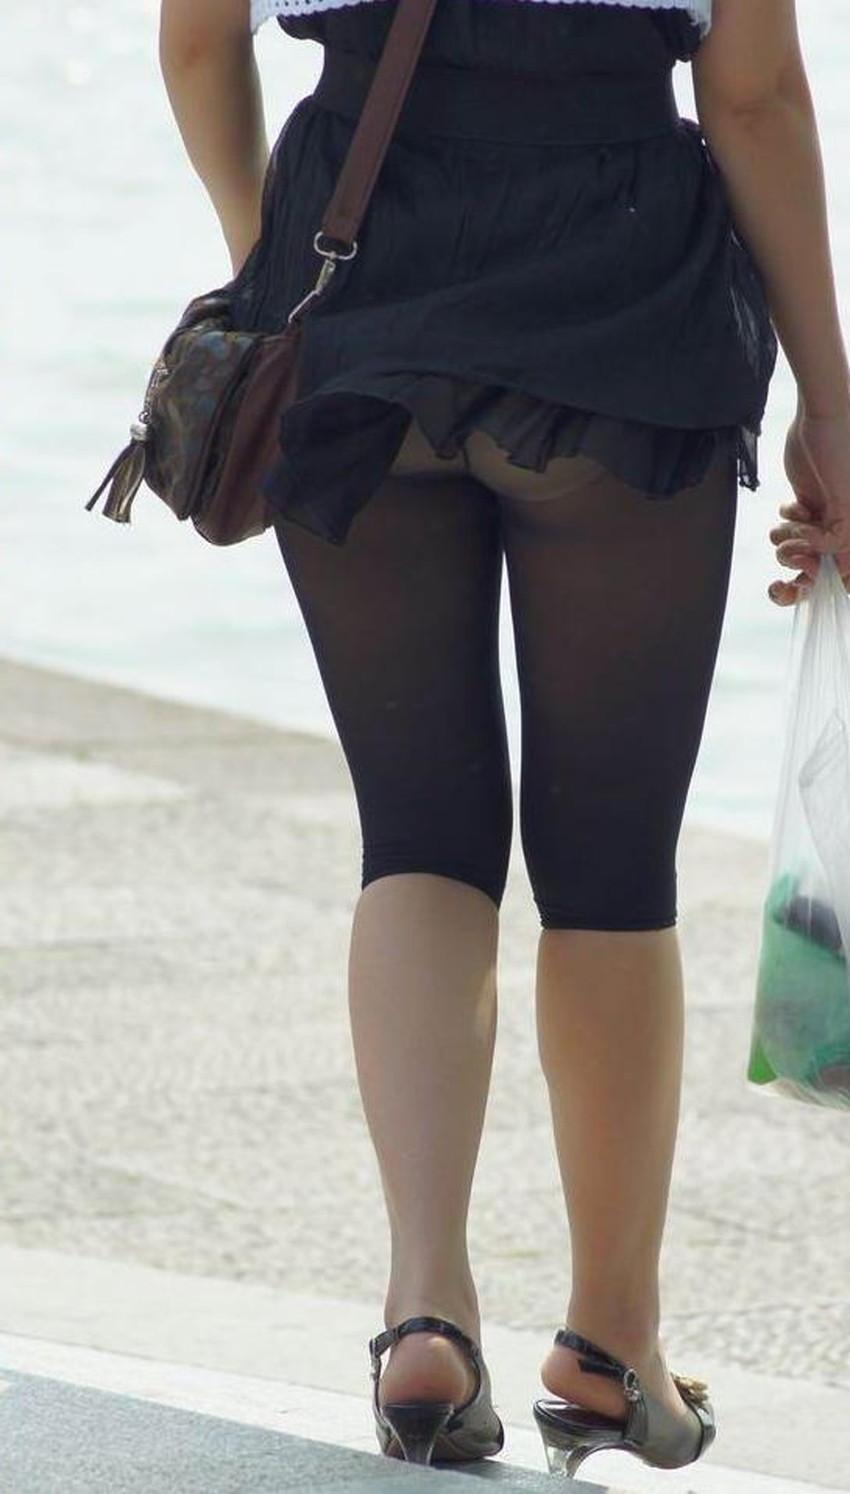 【レギンス女子エロ画像】パンティー透けてパン線丸見えのレギンスを履いて歩いてる無防備過ぎるレギンス女子のエロ画像集ww【80枚】